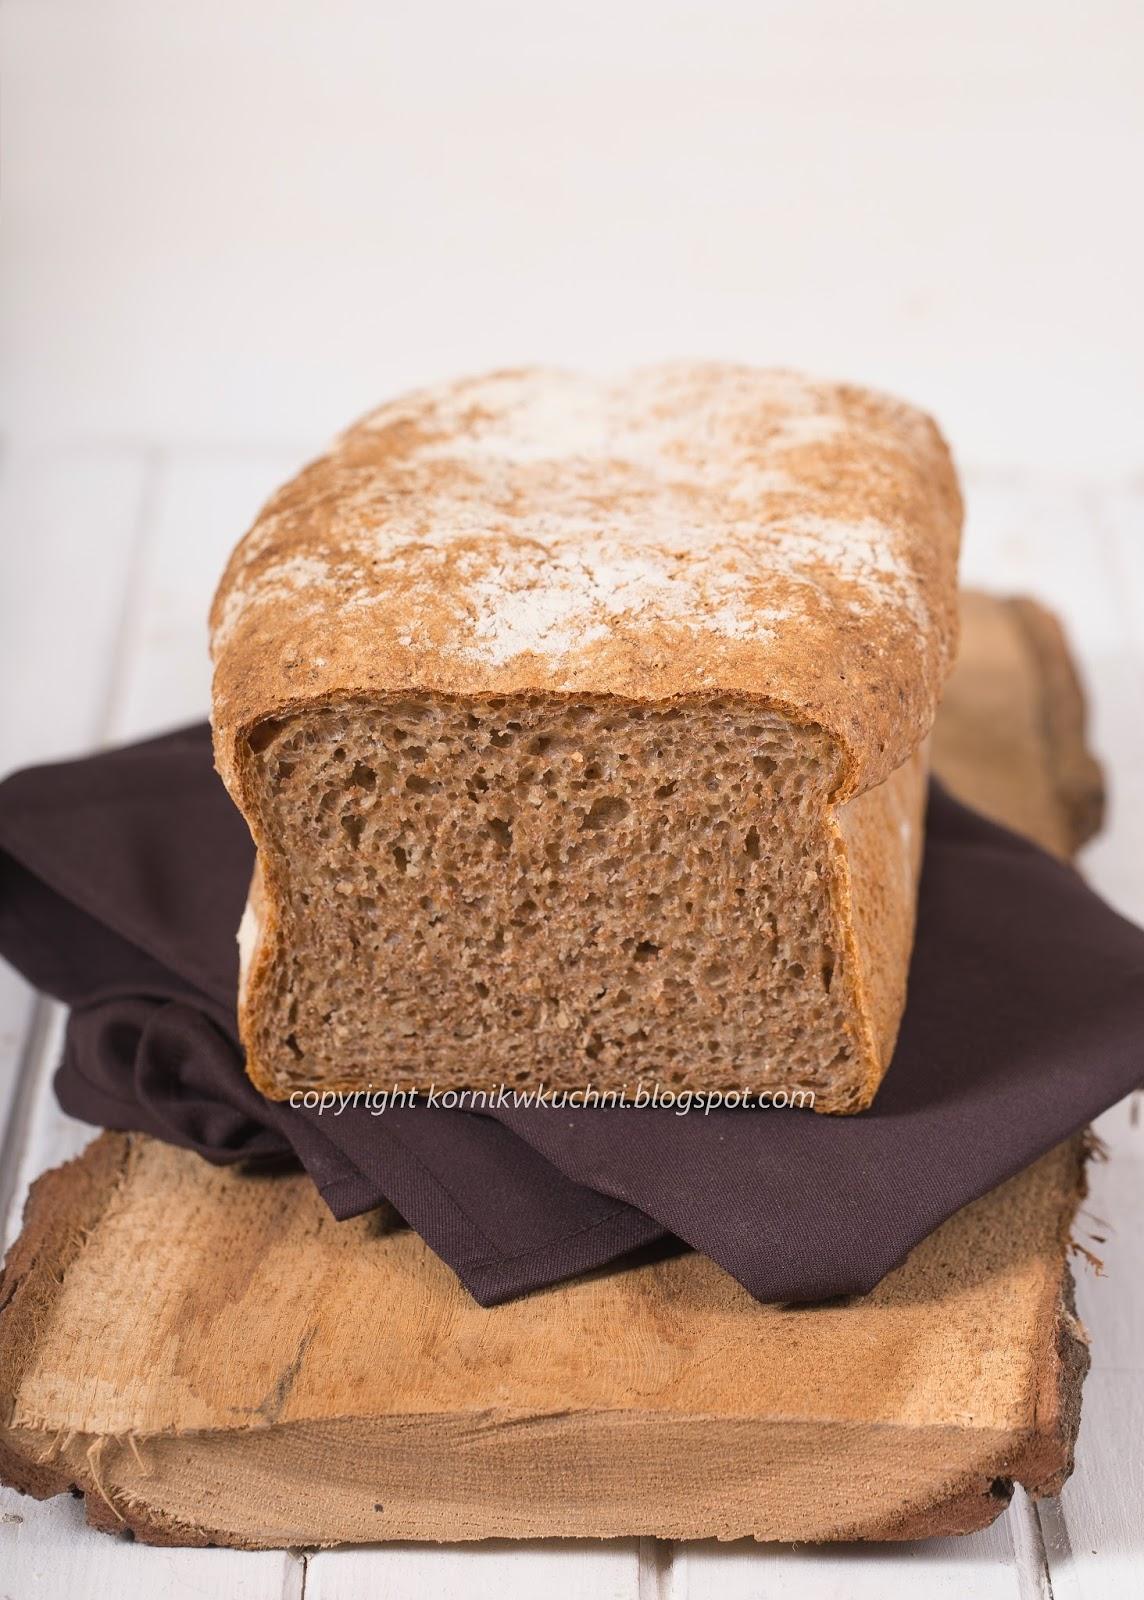 chleb razwy, razowy chleb, chleb z kaszą